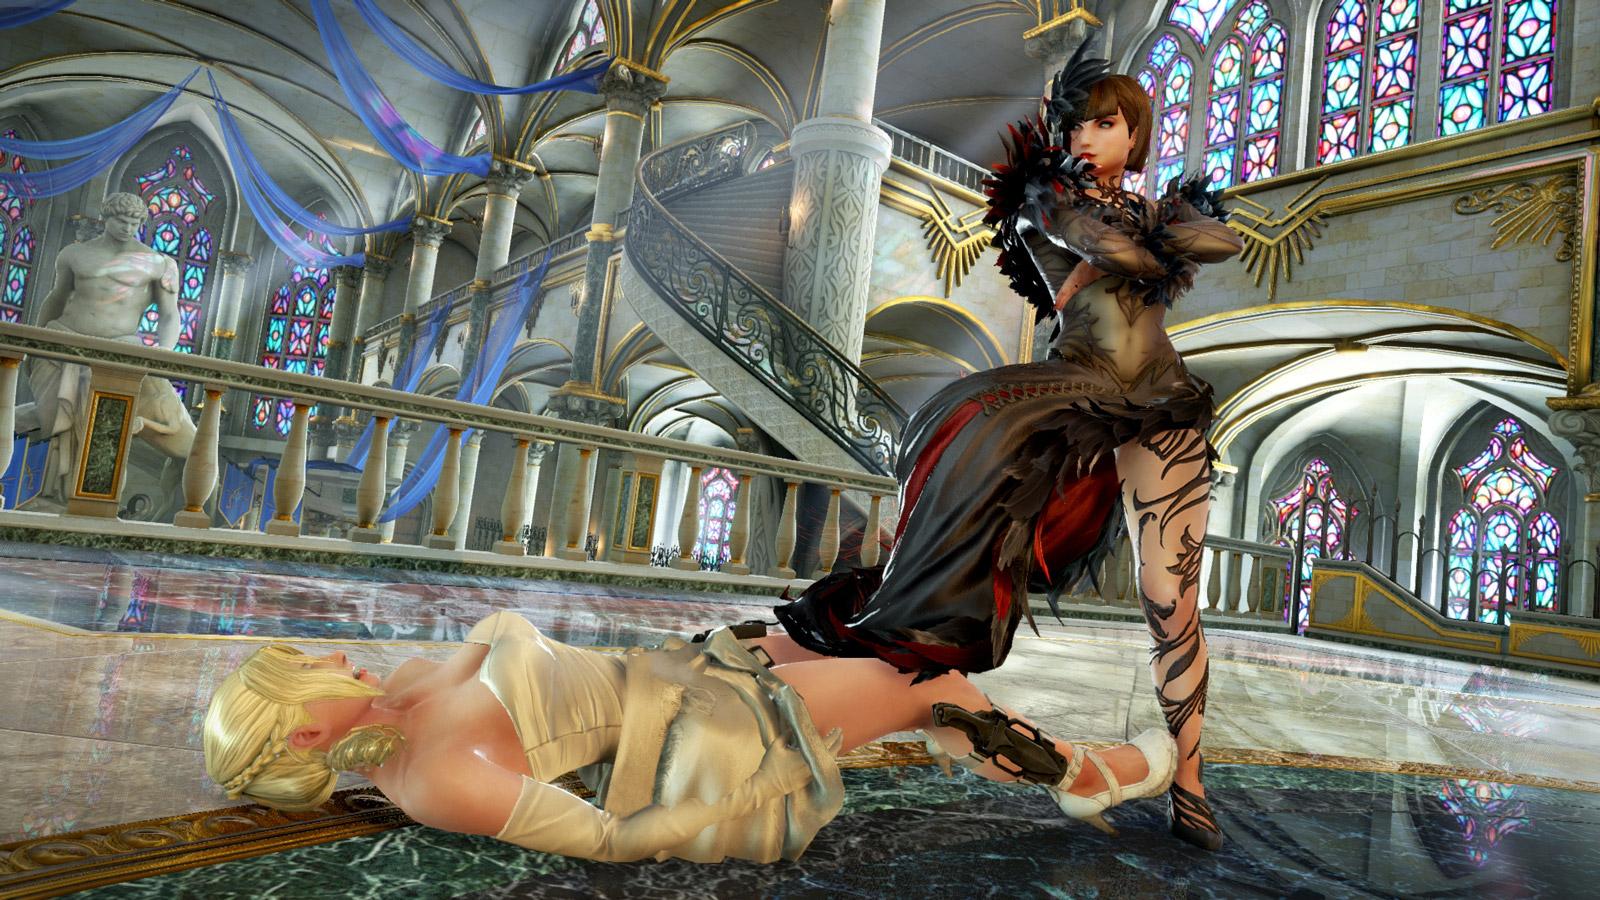 Free Tekken 7 Wallpaper in 1600x900